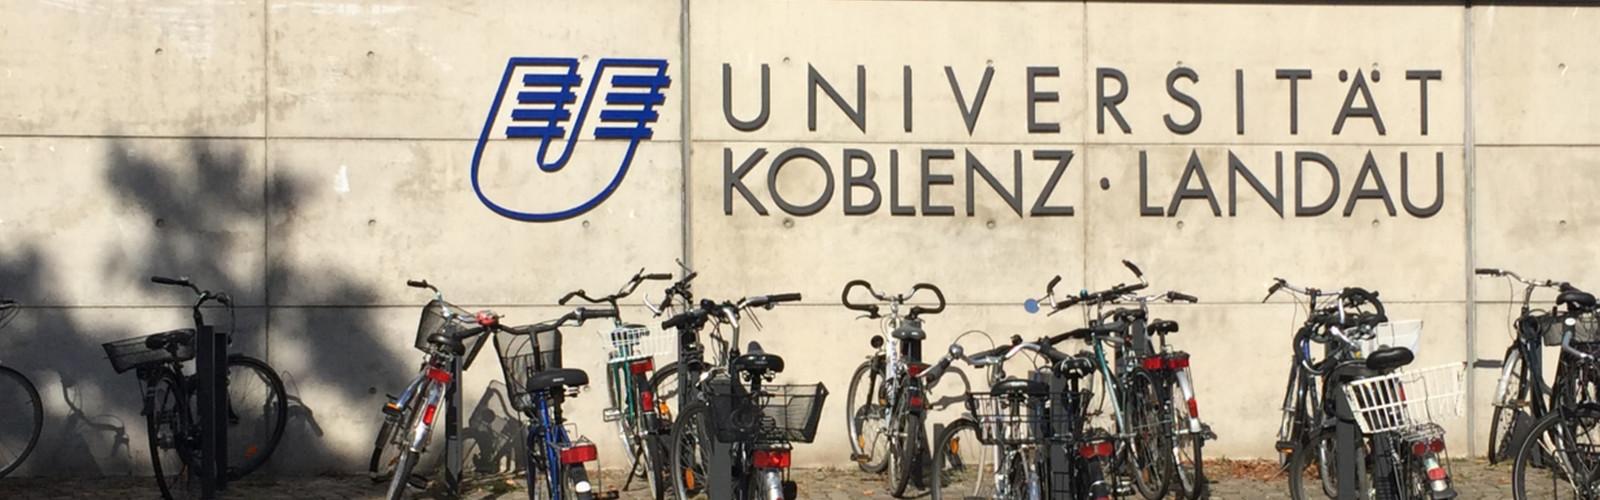 Schriftzug Universität Koblenz · Landau